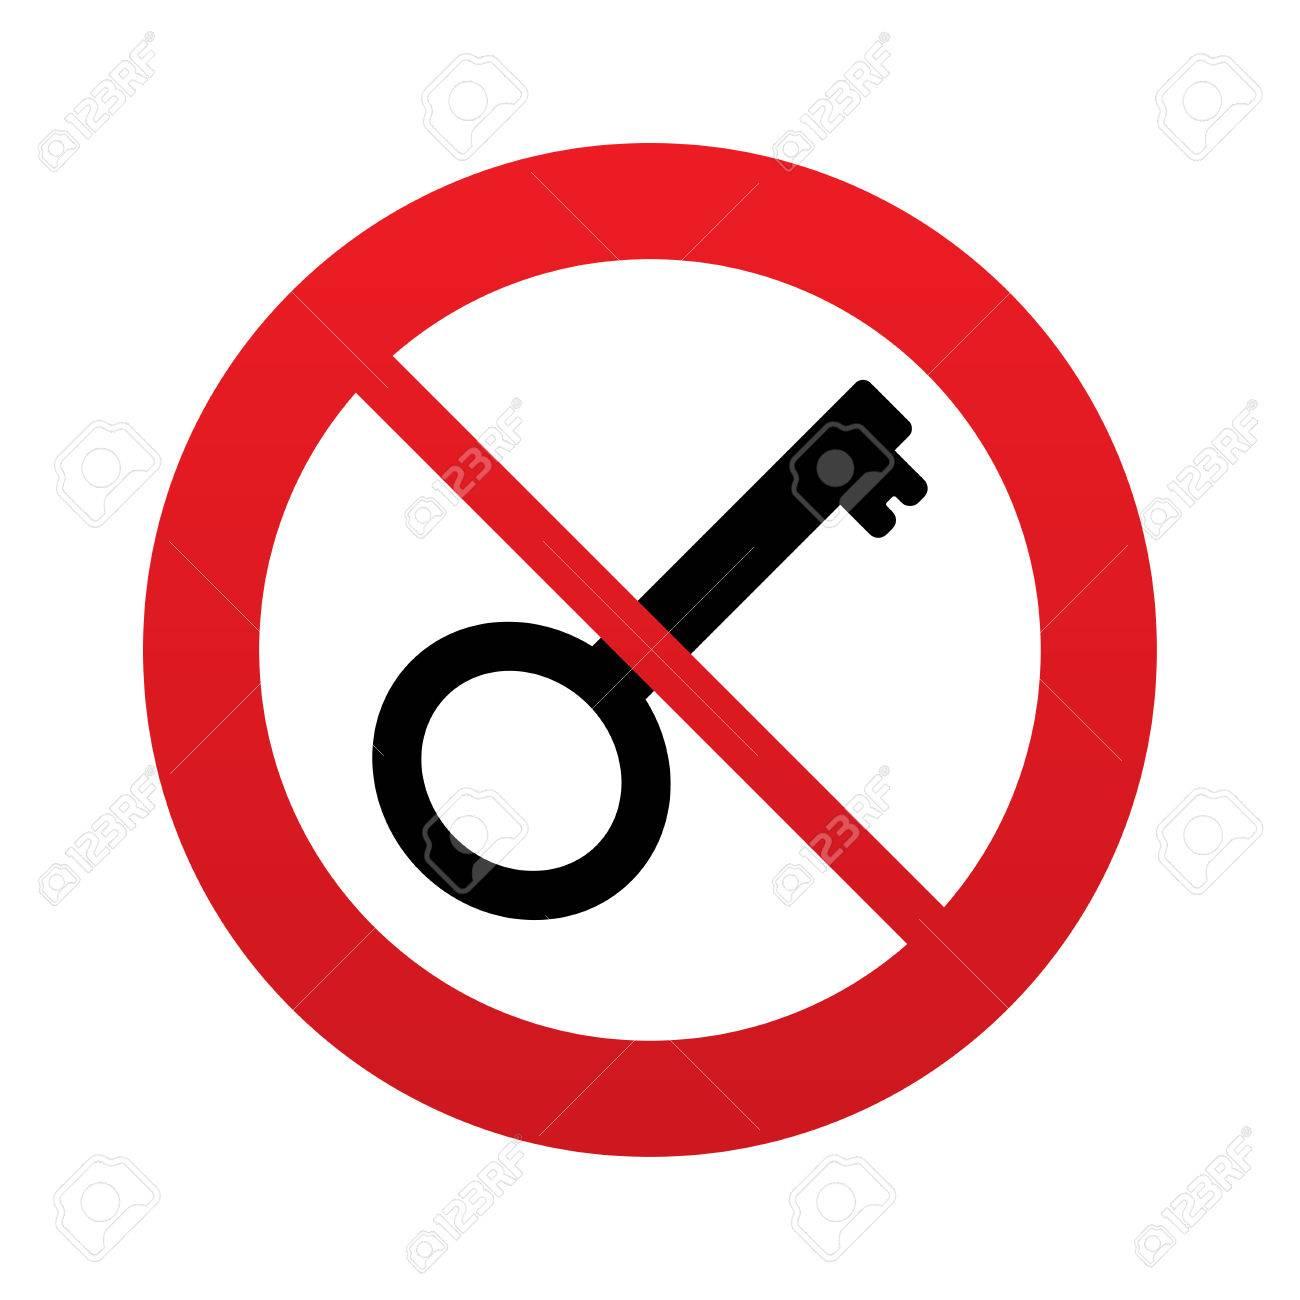 Büroklammer clipart  Anahtar Işareti Simgesini Kullanmayın. Aracı Sembolü Kilidini ...